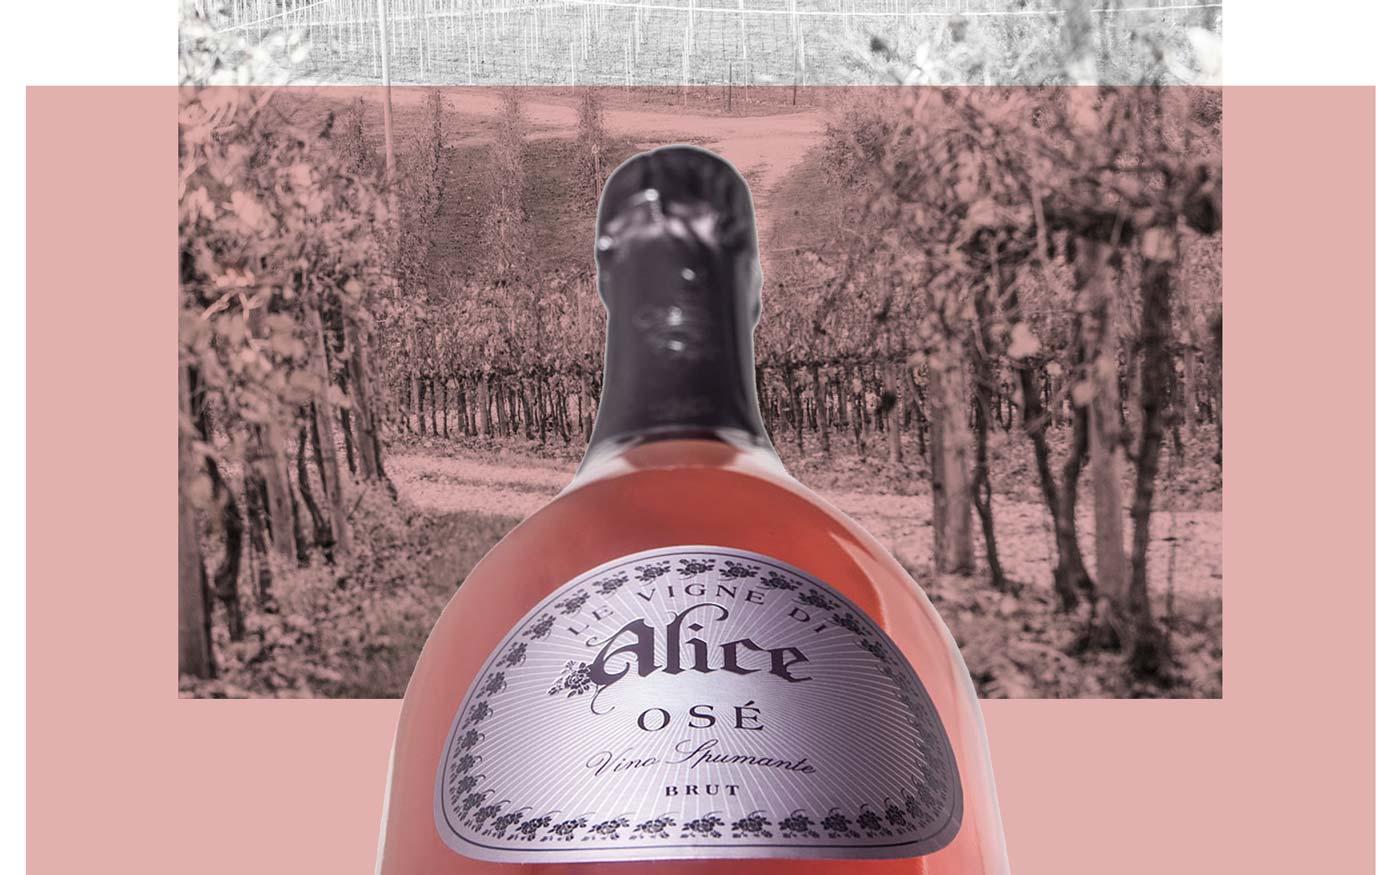 bottiglia spumante rosè osè su sfondo della vigna